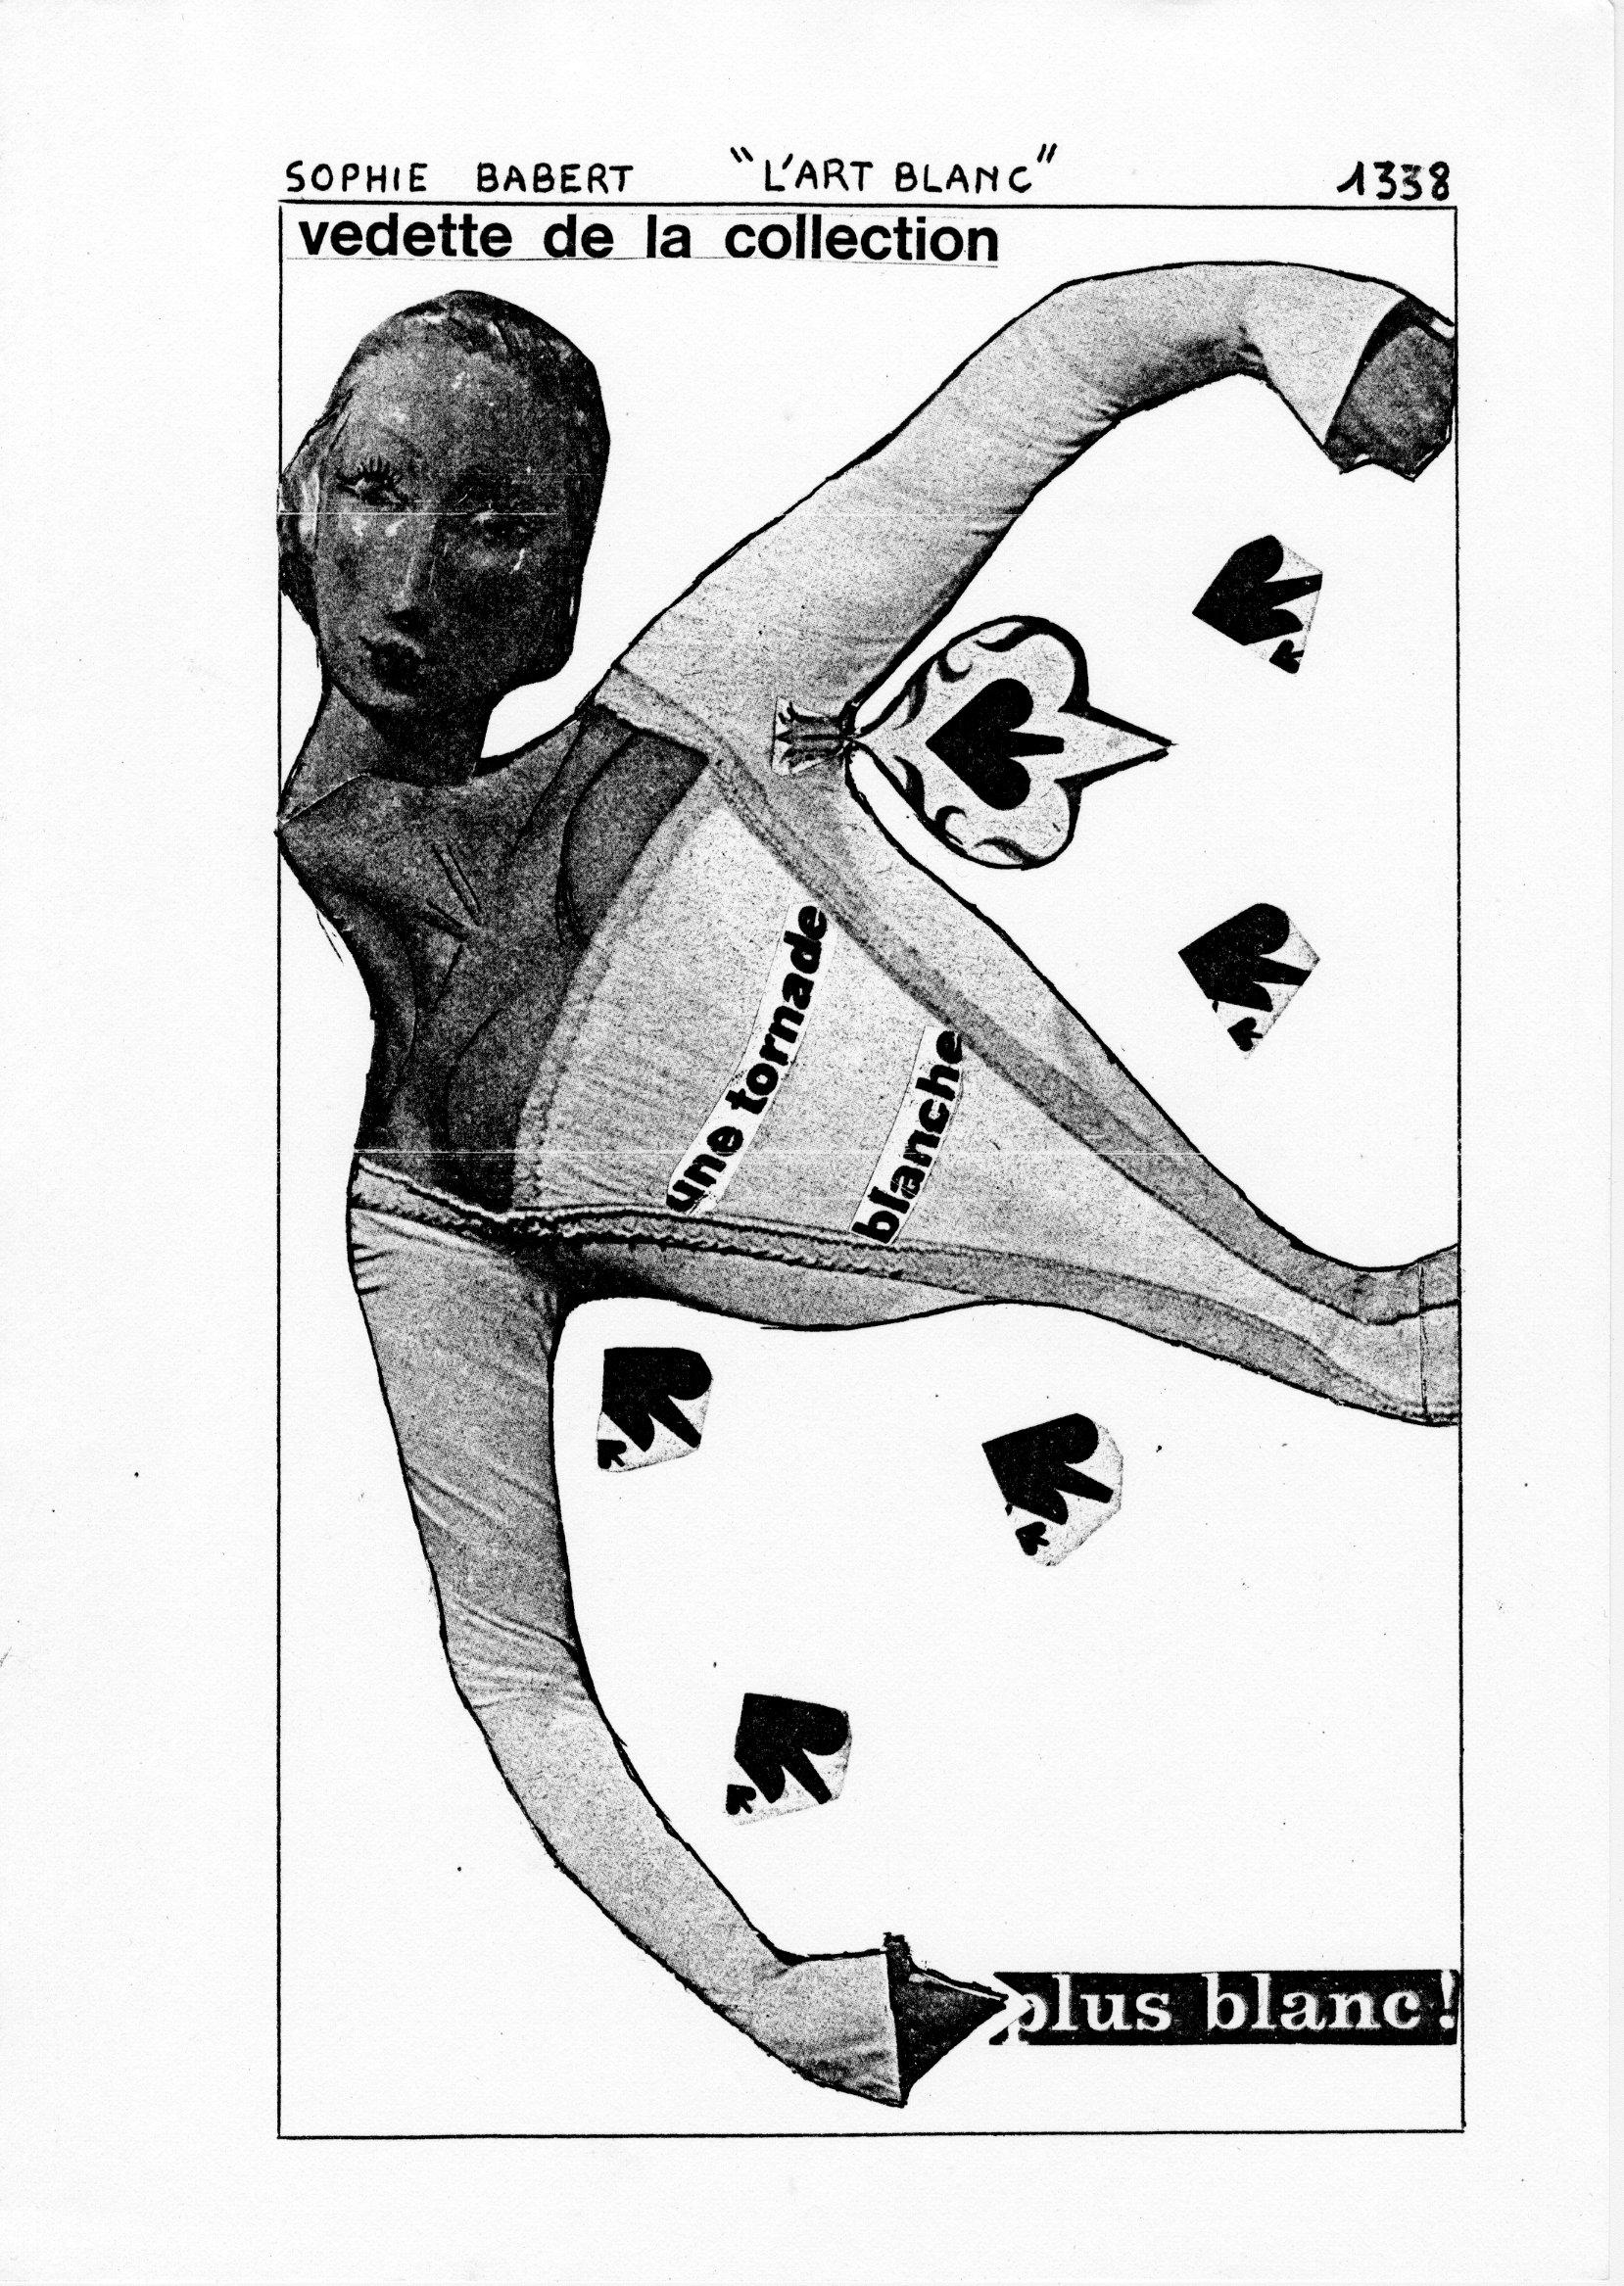 page 1338 S. Babert L'ART BLANC